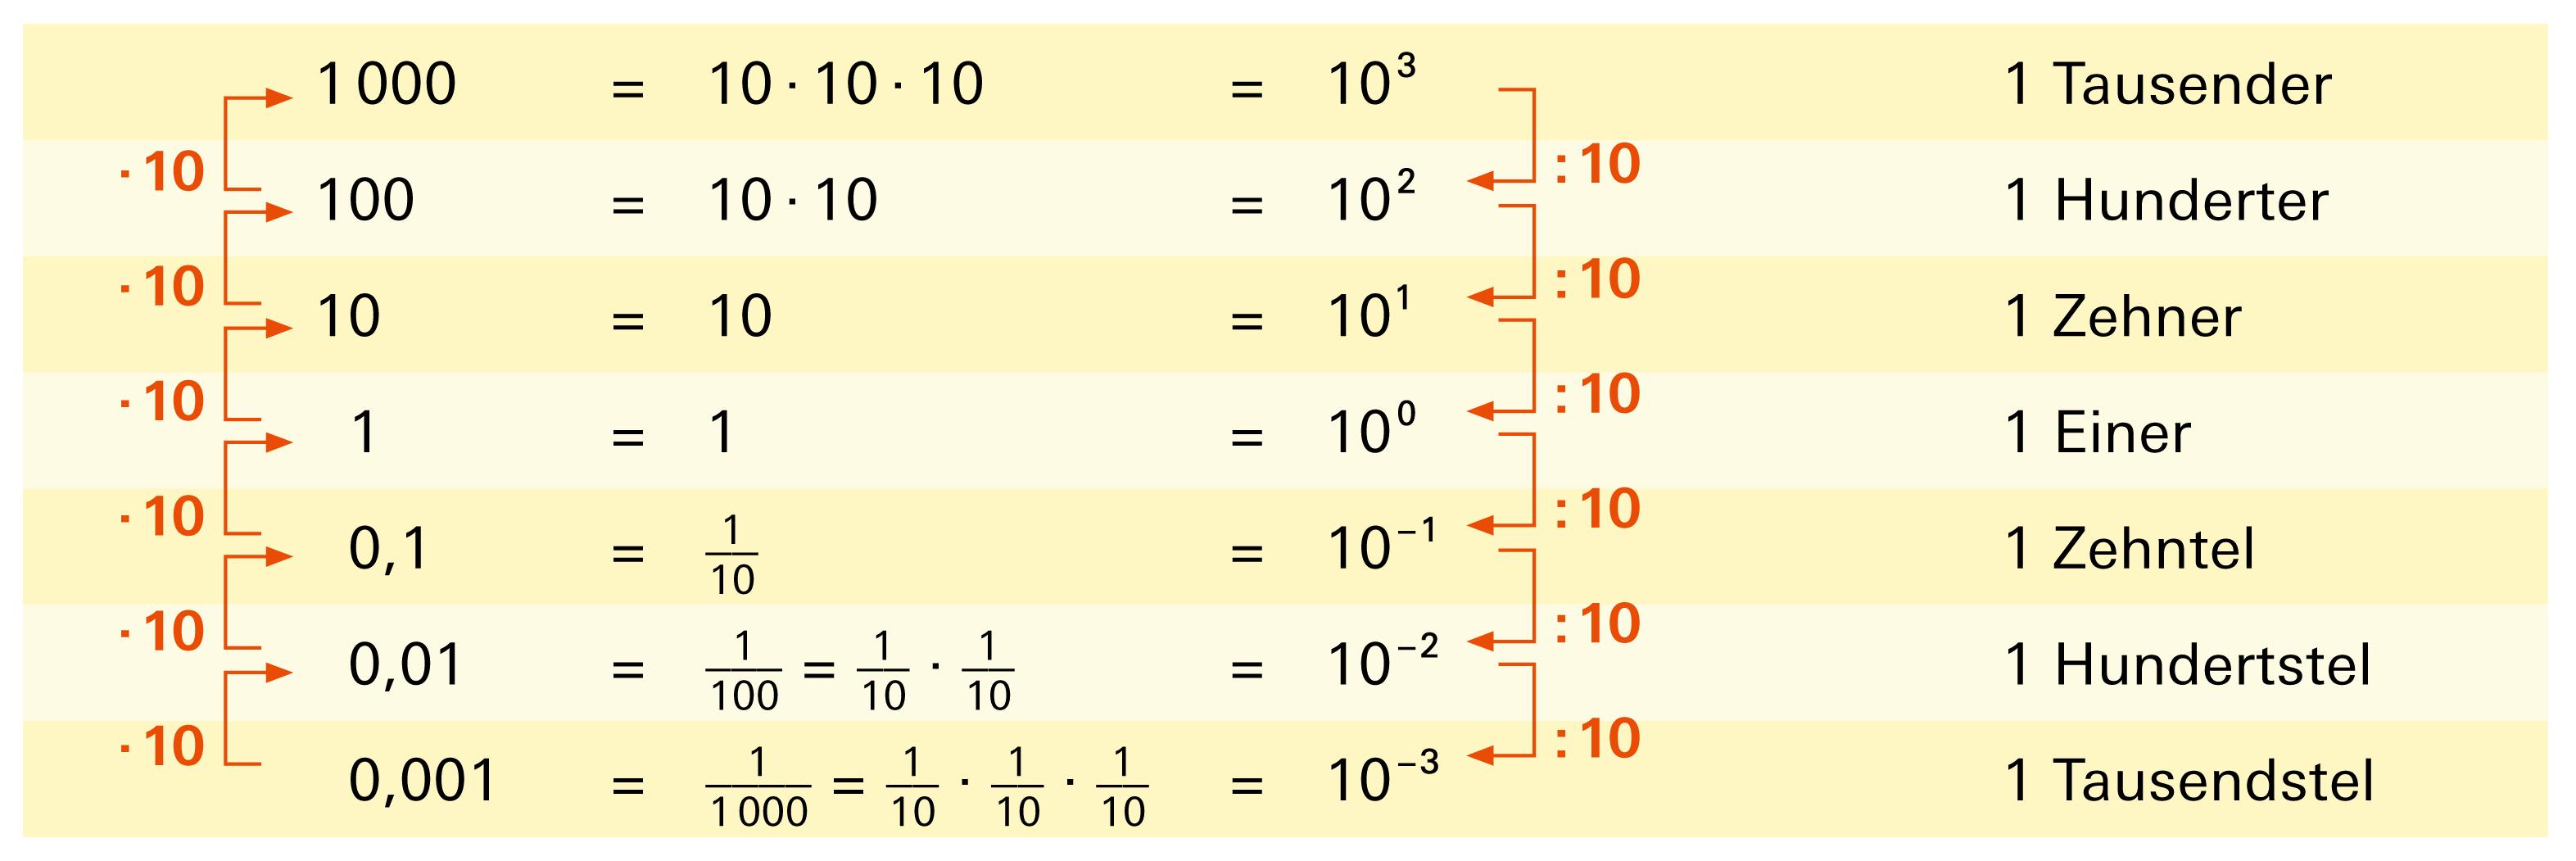 10 Hoch - 3